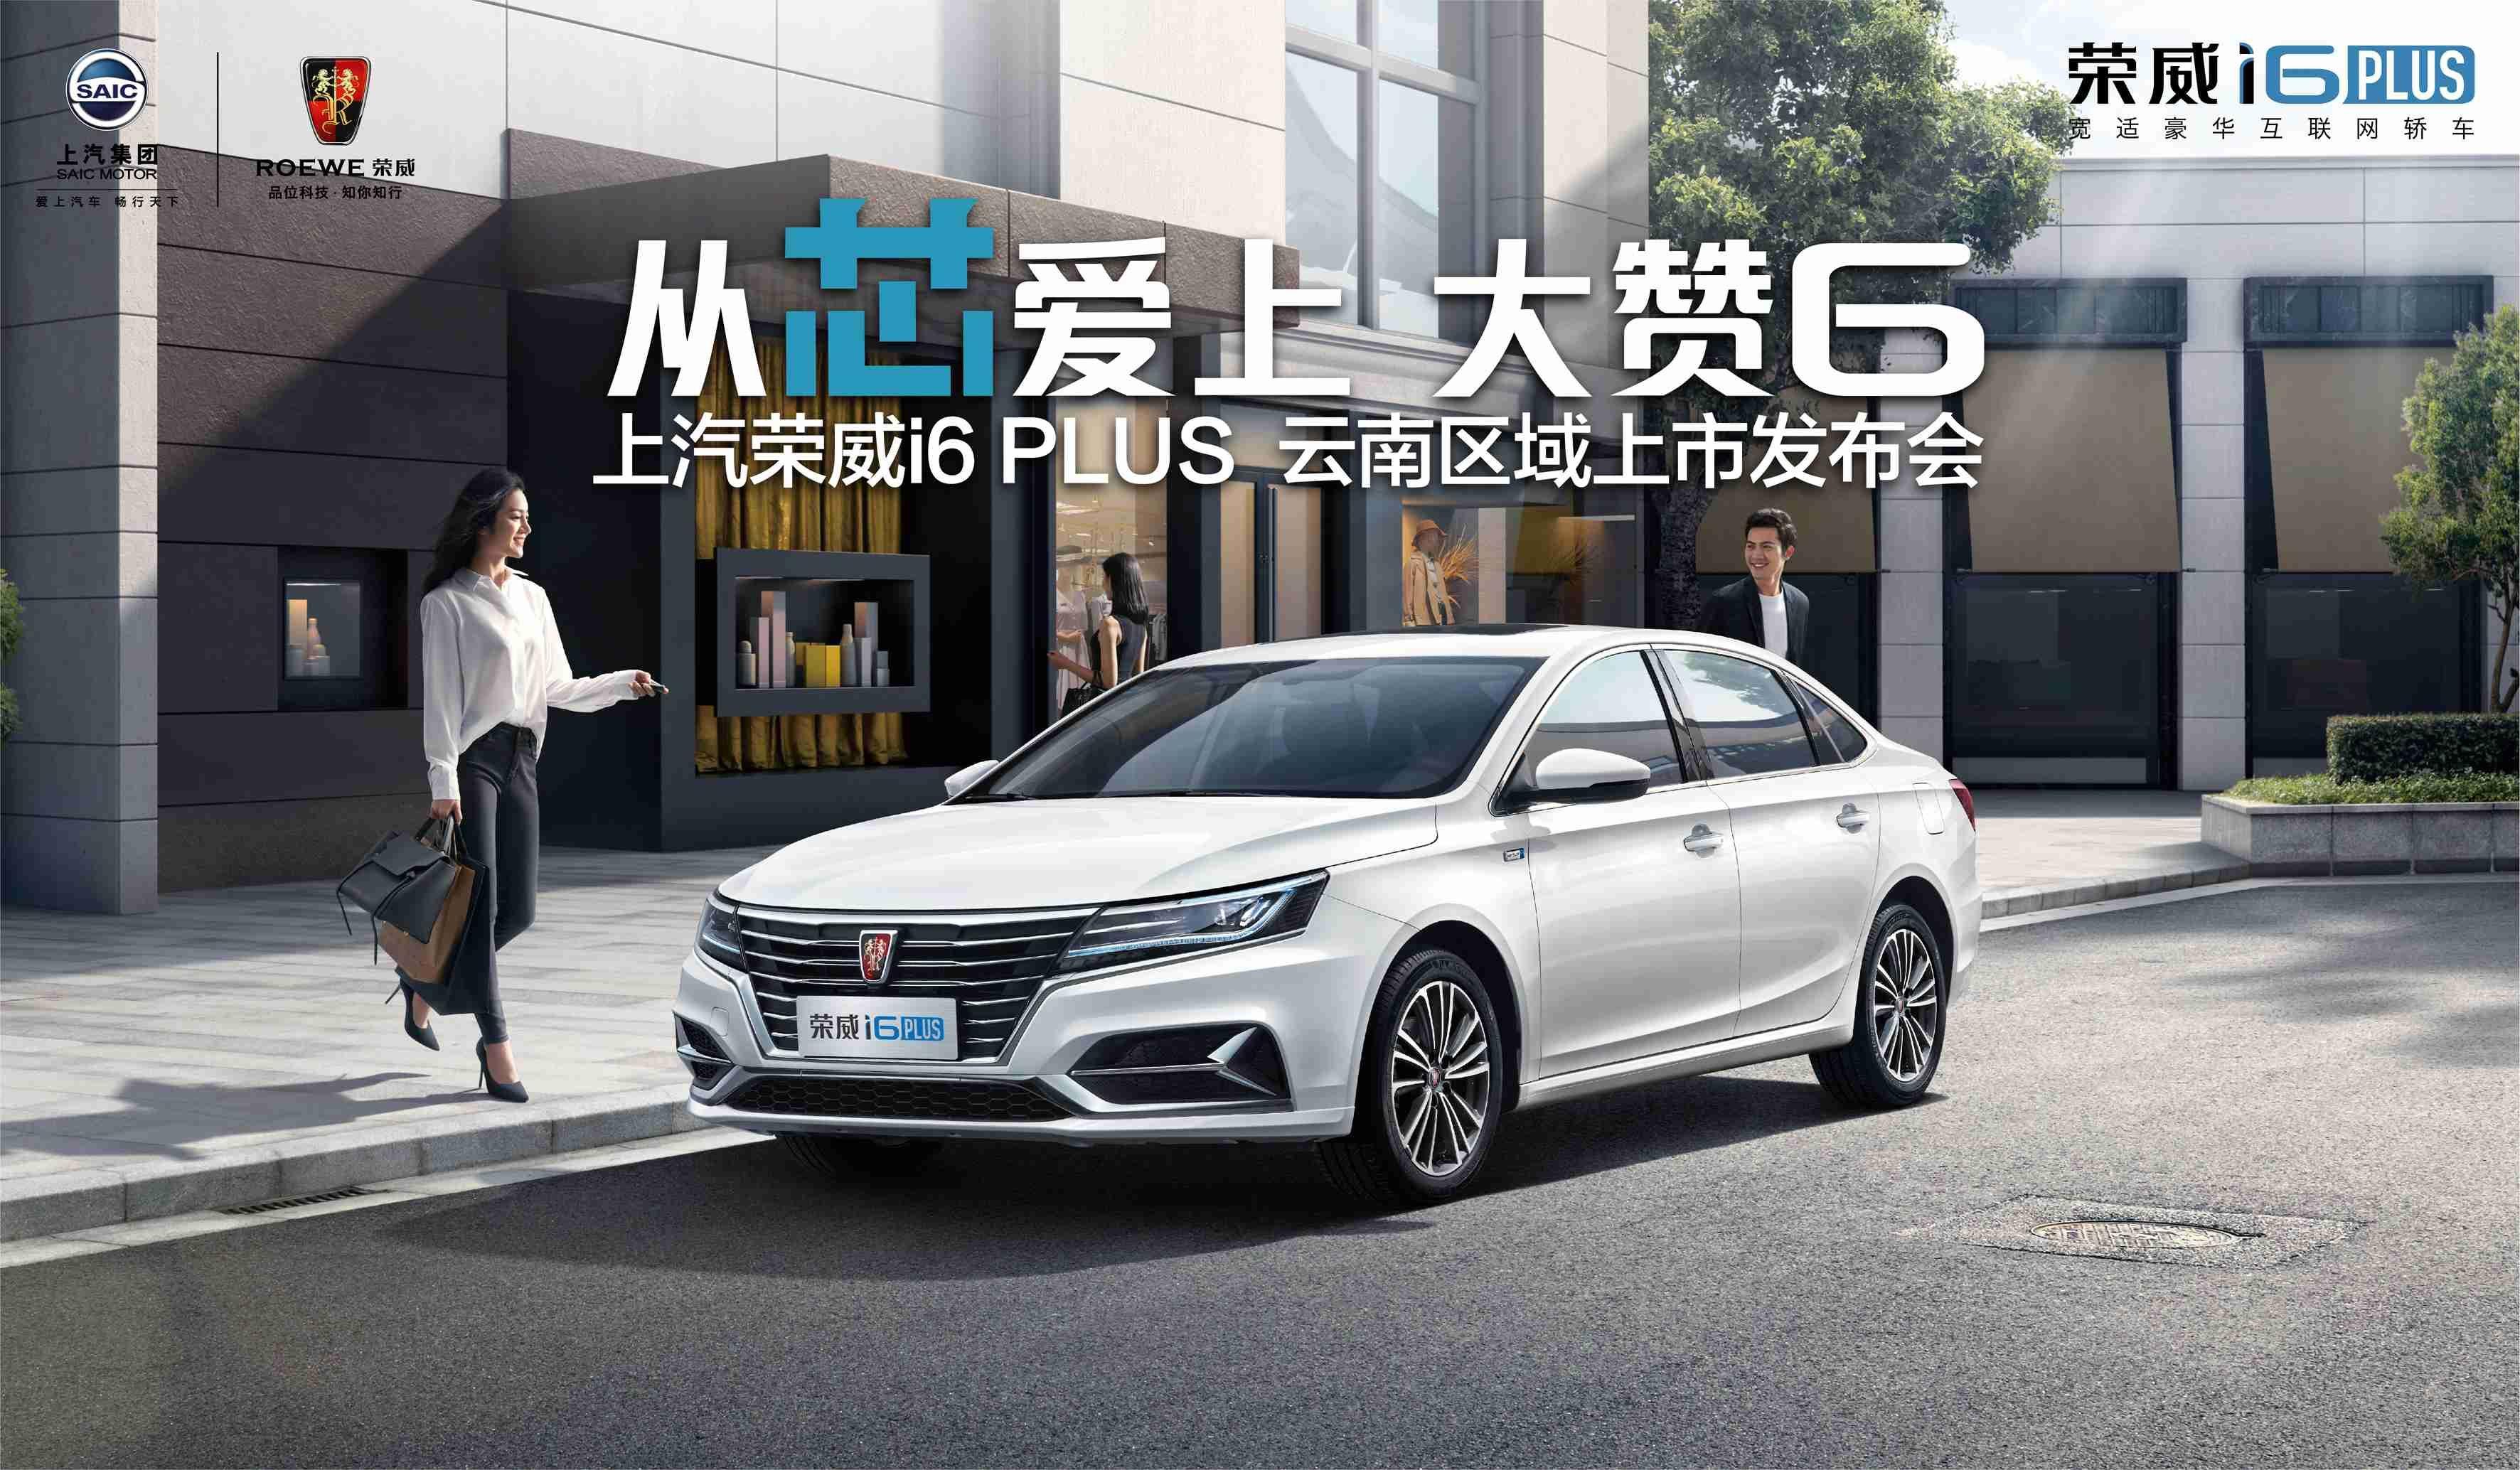 售价荣威i6plus抢鲜全新6.98-11.98万元奔腾x6v售价图片